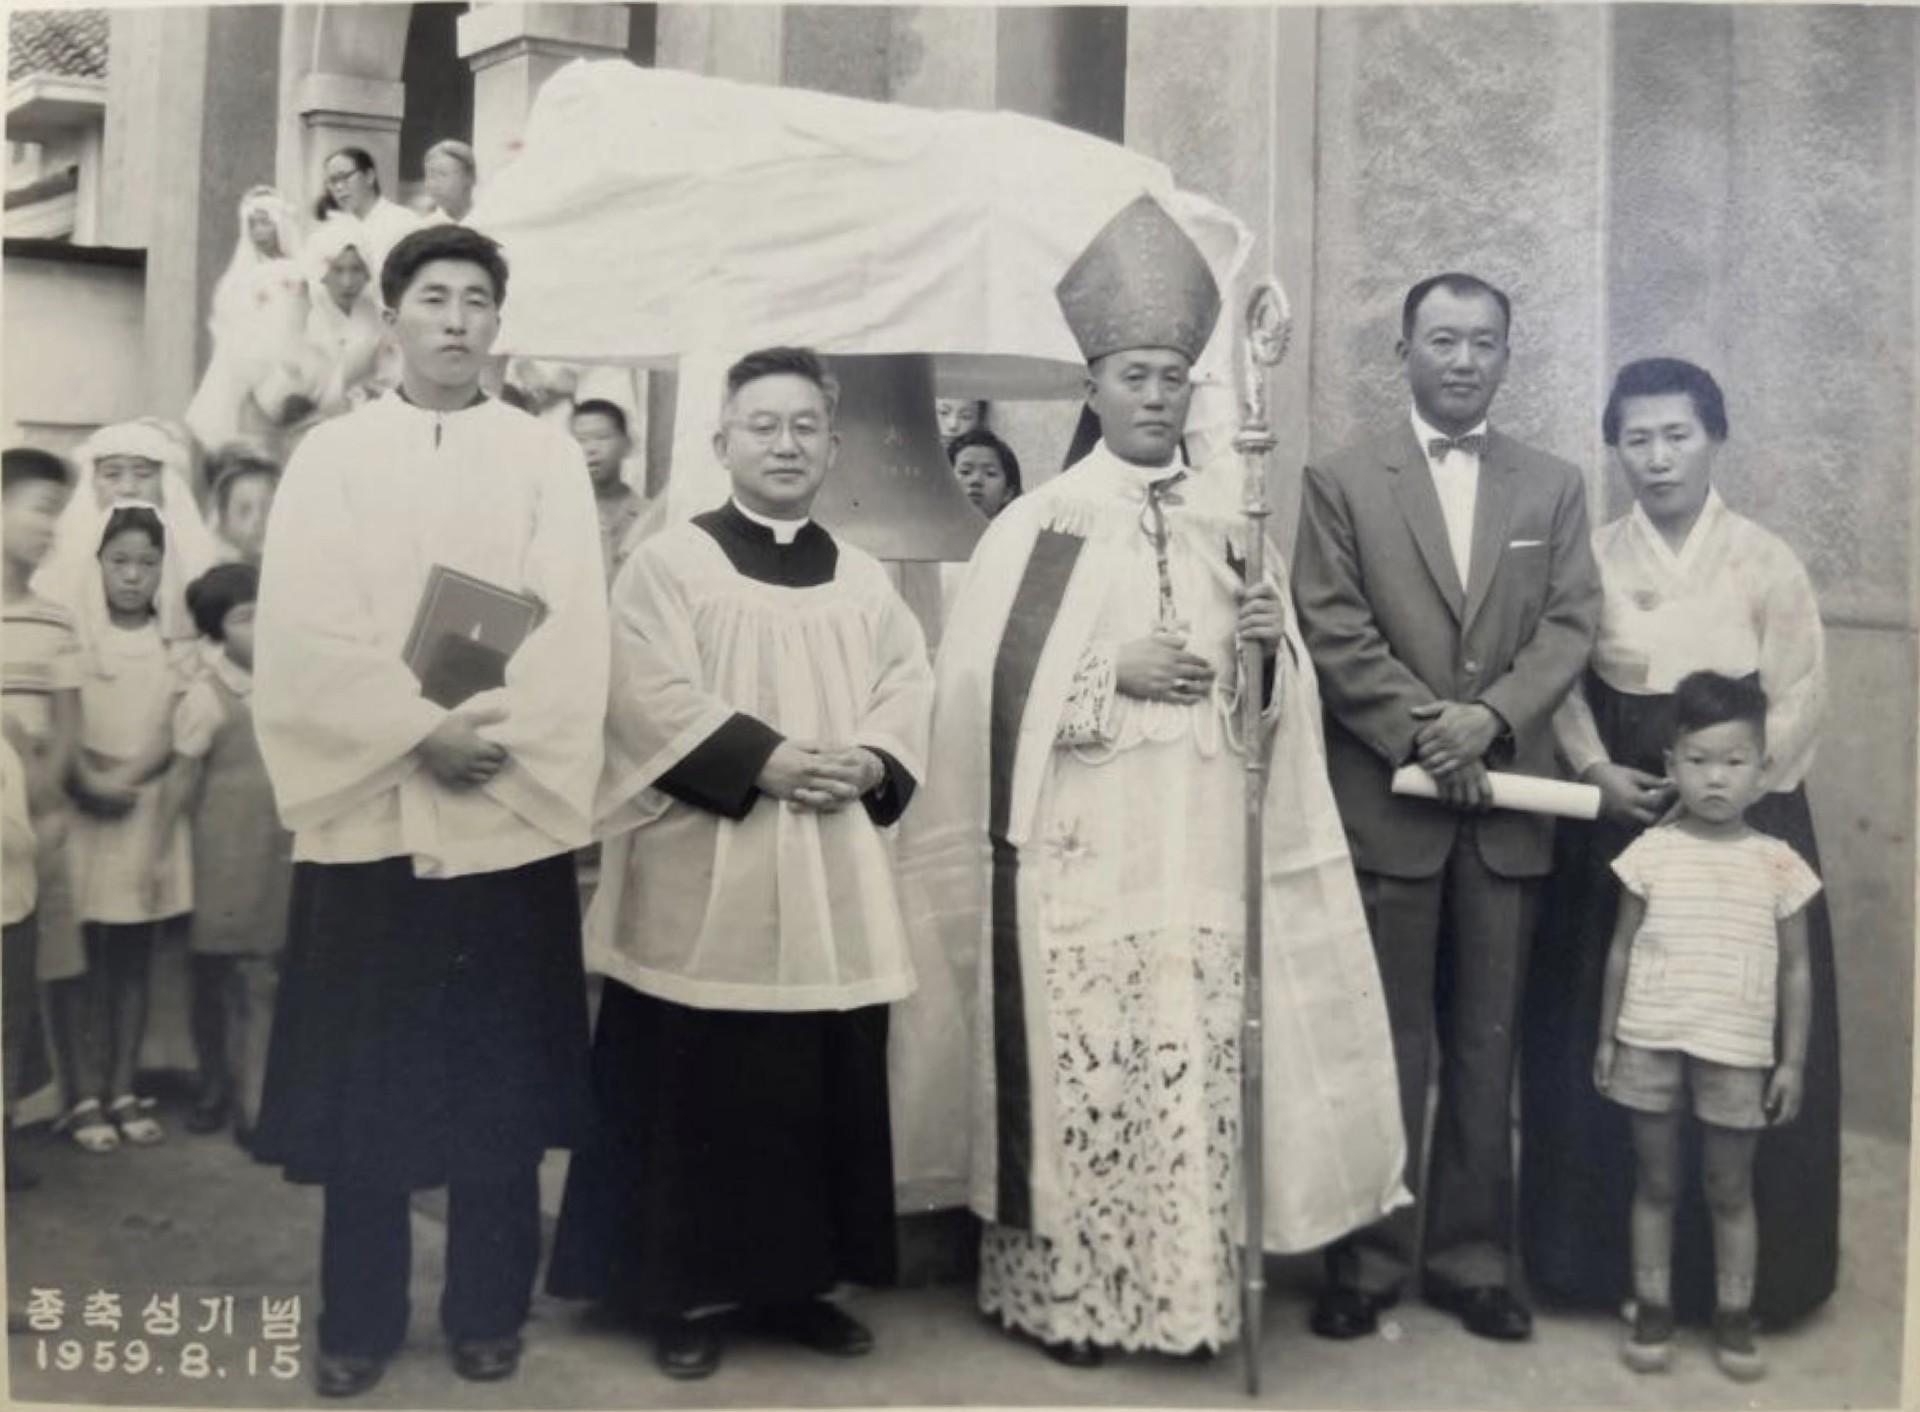 가운데 노기남 바오로 대주교, 사진 왼쪽에서 두 번째가 당시 본당 주임신부 신인균 요셉 신부 <br> 사진 오른쪽에서 두 번째가 박형준 야고보 형제 부부와 막내아들 박귀철 마누엘 형제